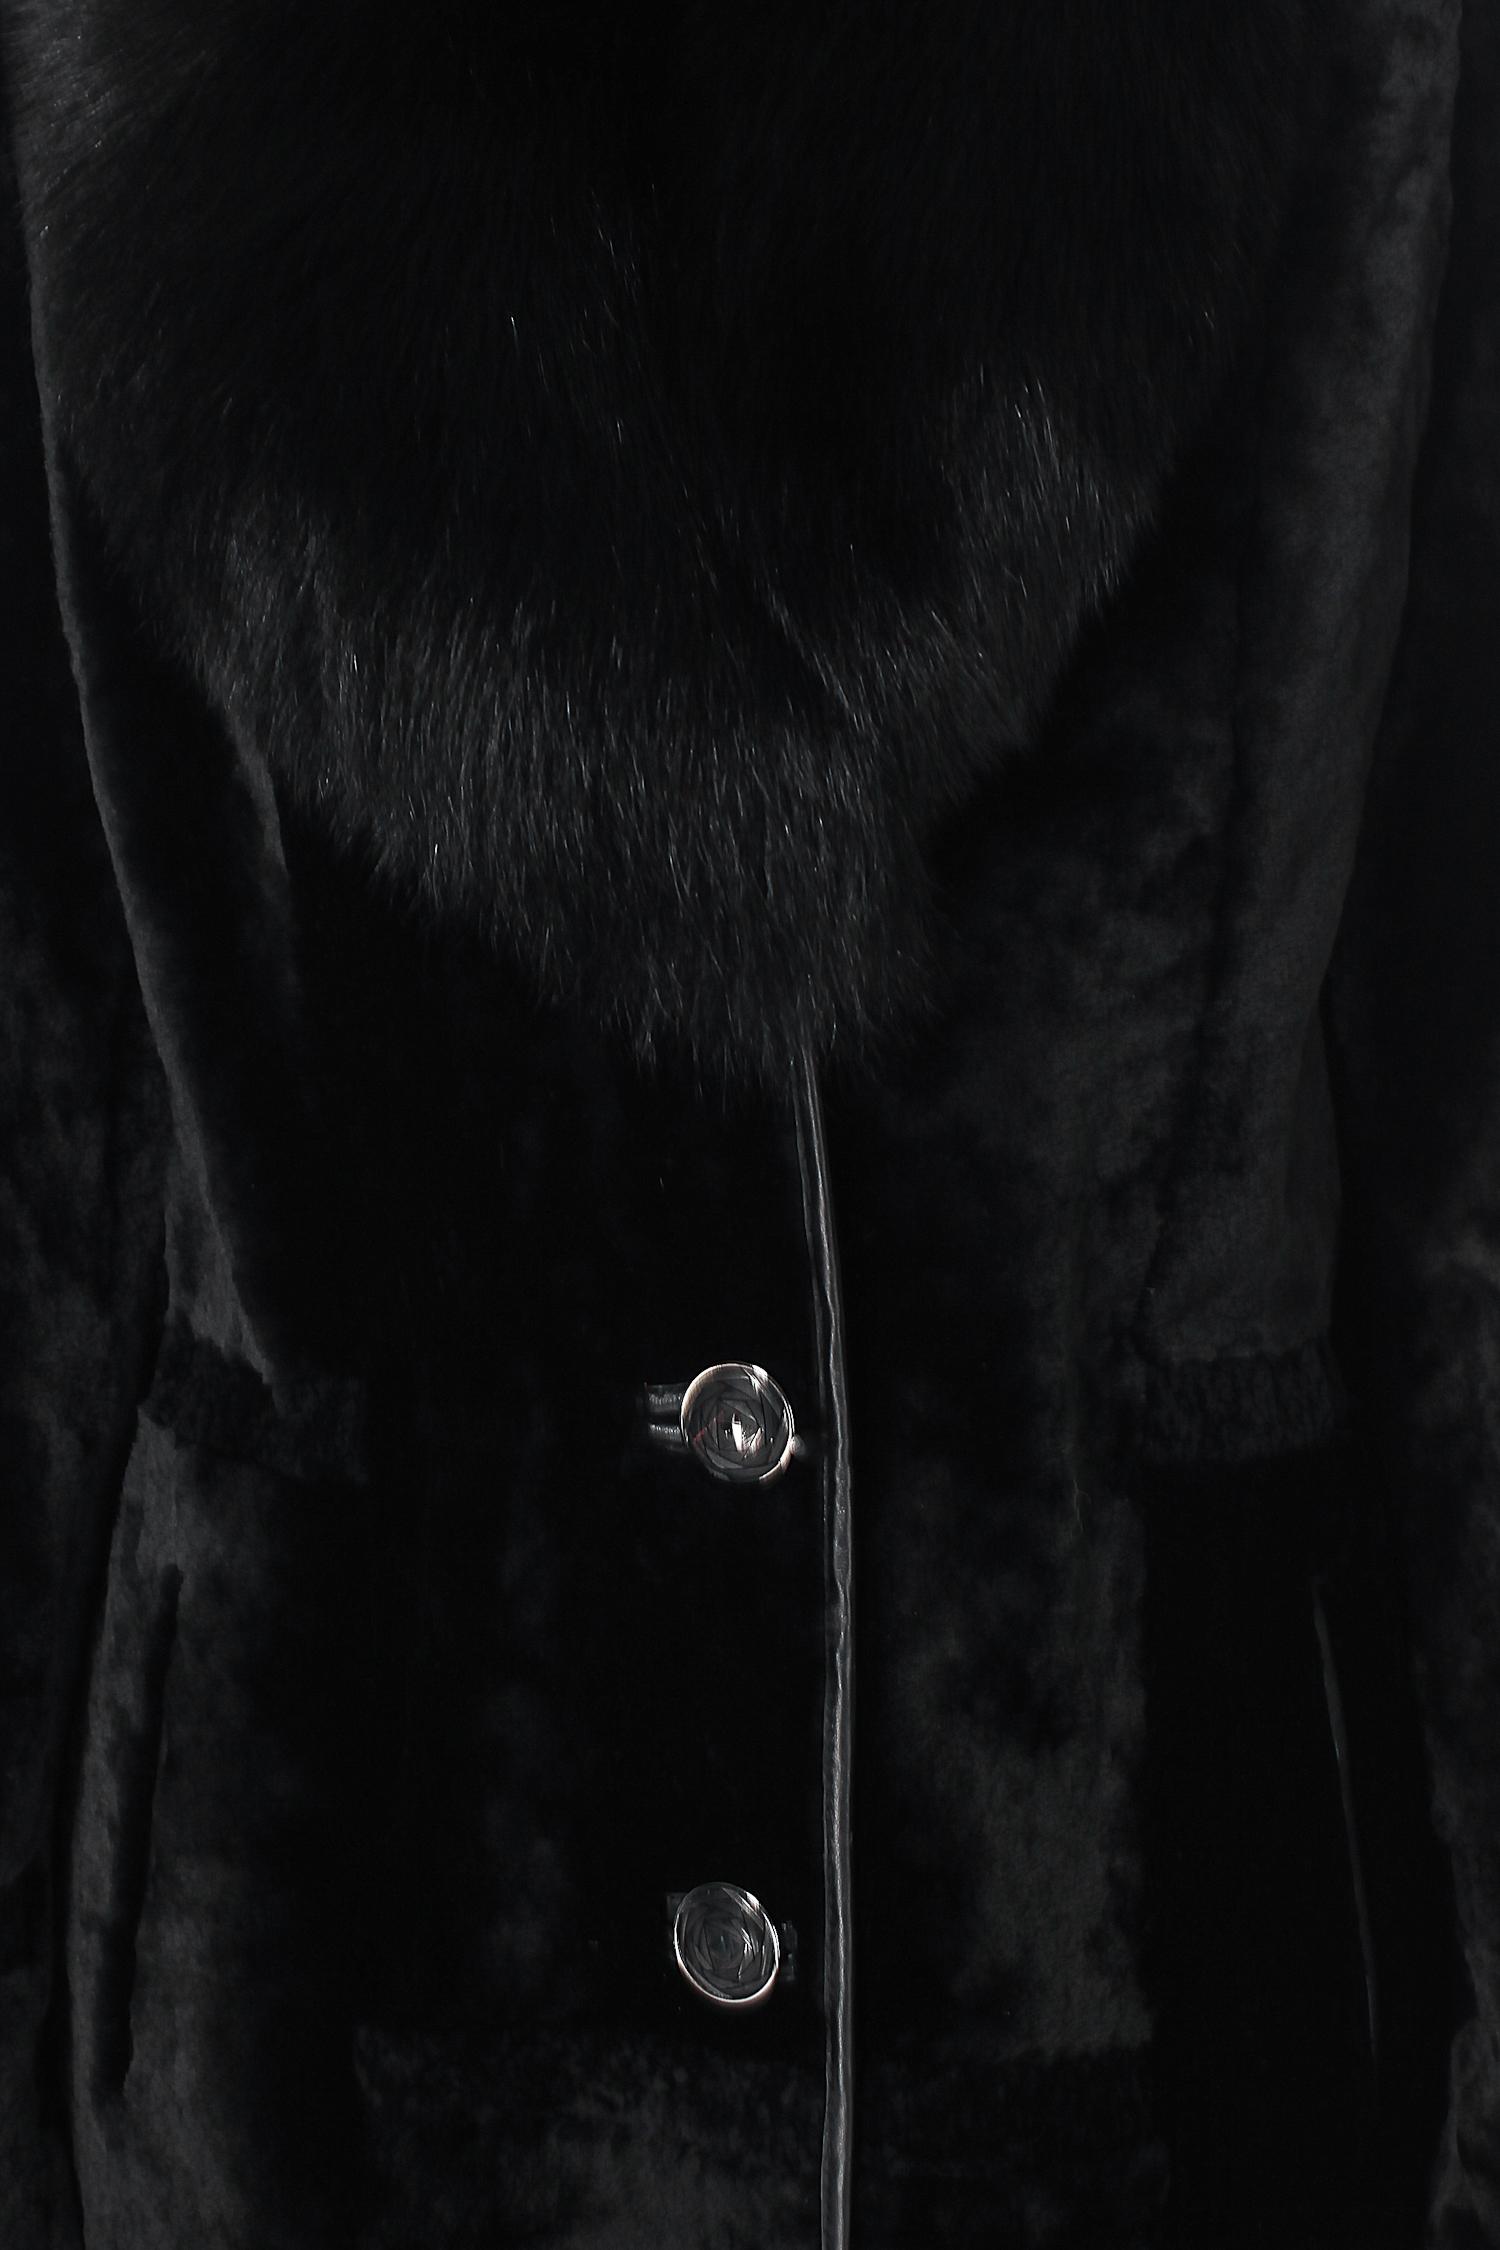 Шуба из мутона с воротником, отделка песец от Московская Меховая Компания